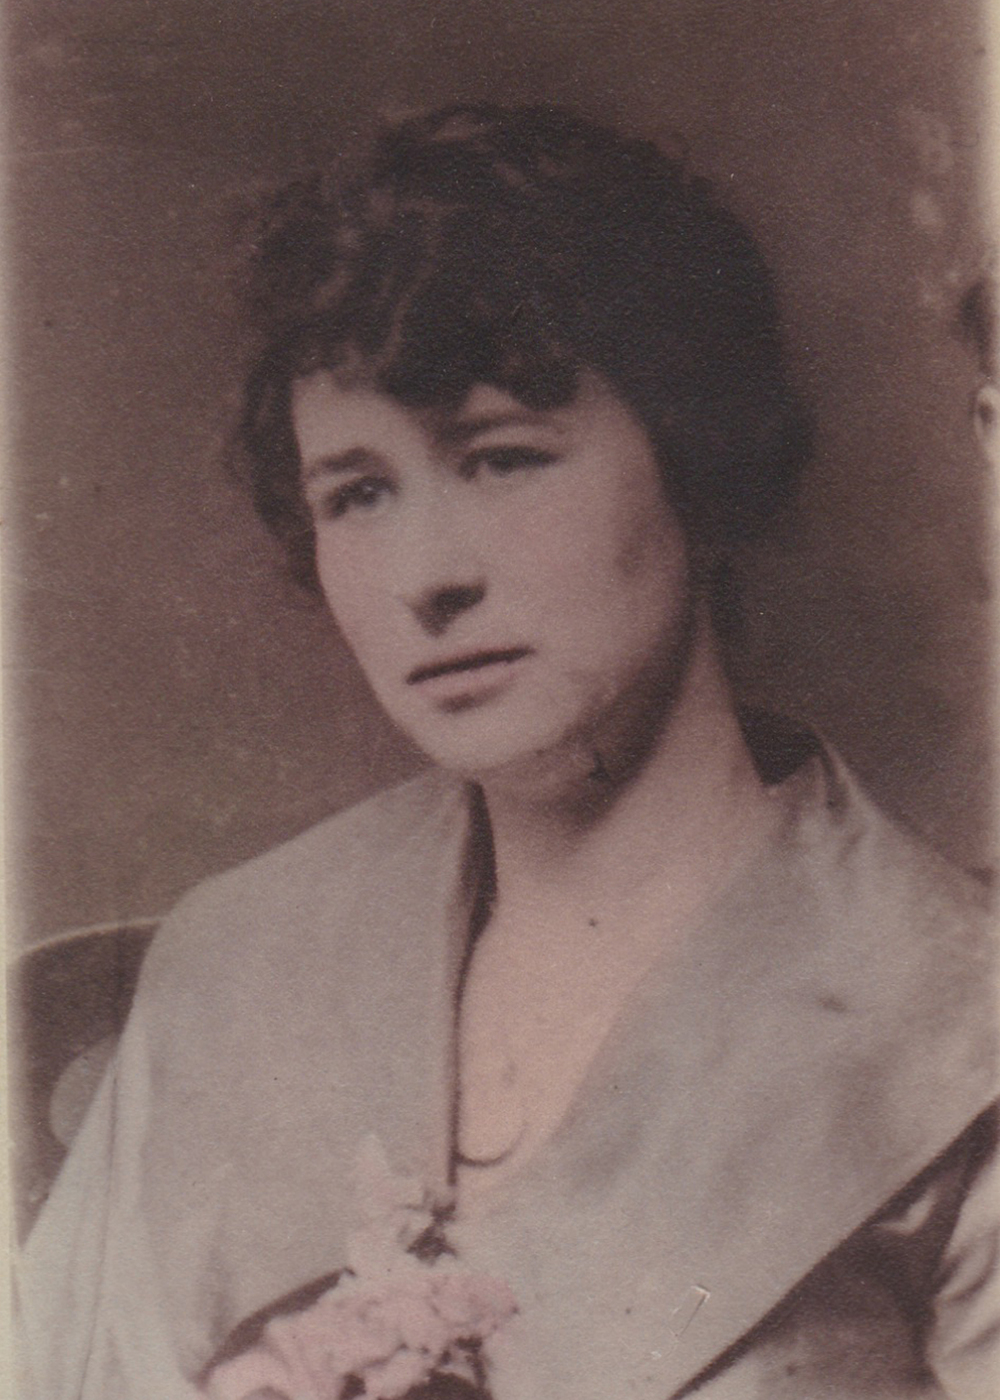 JennieMooreCannon